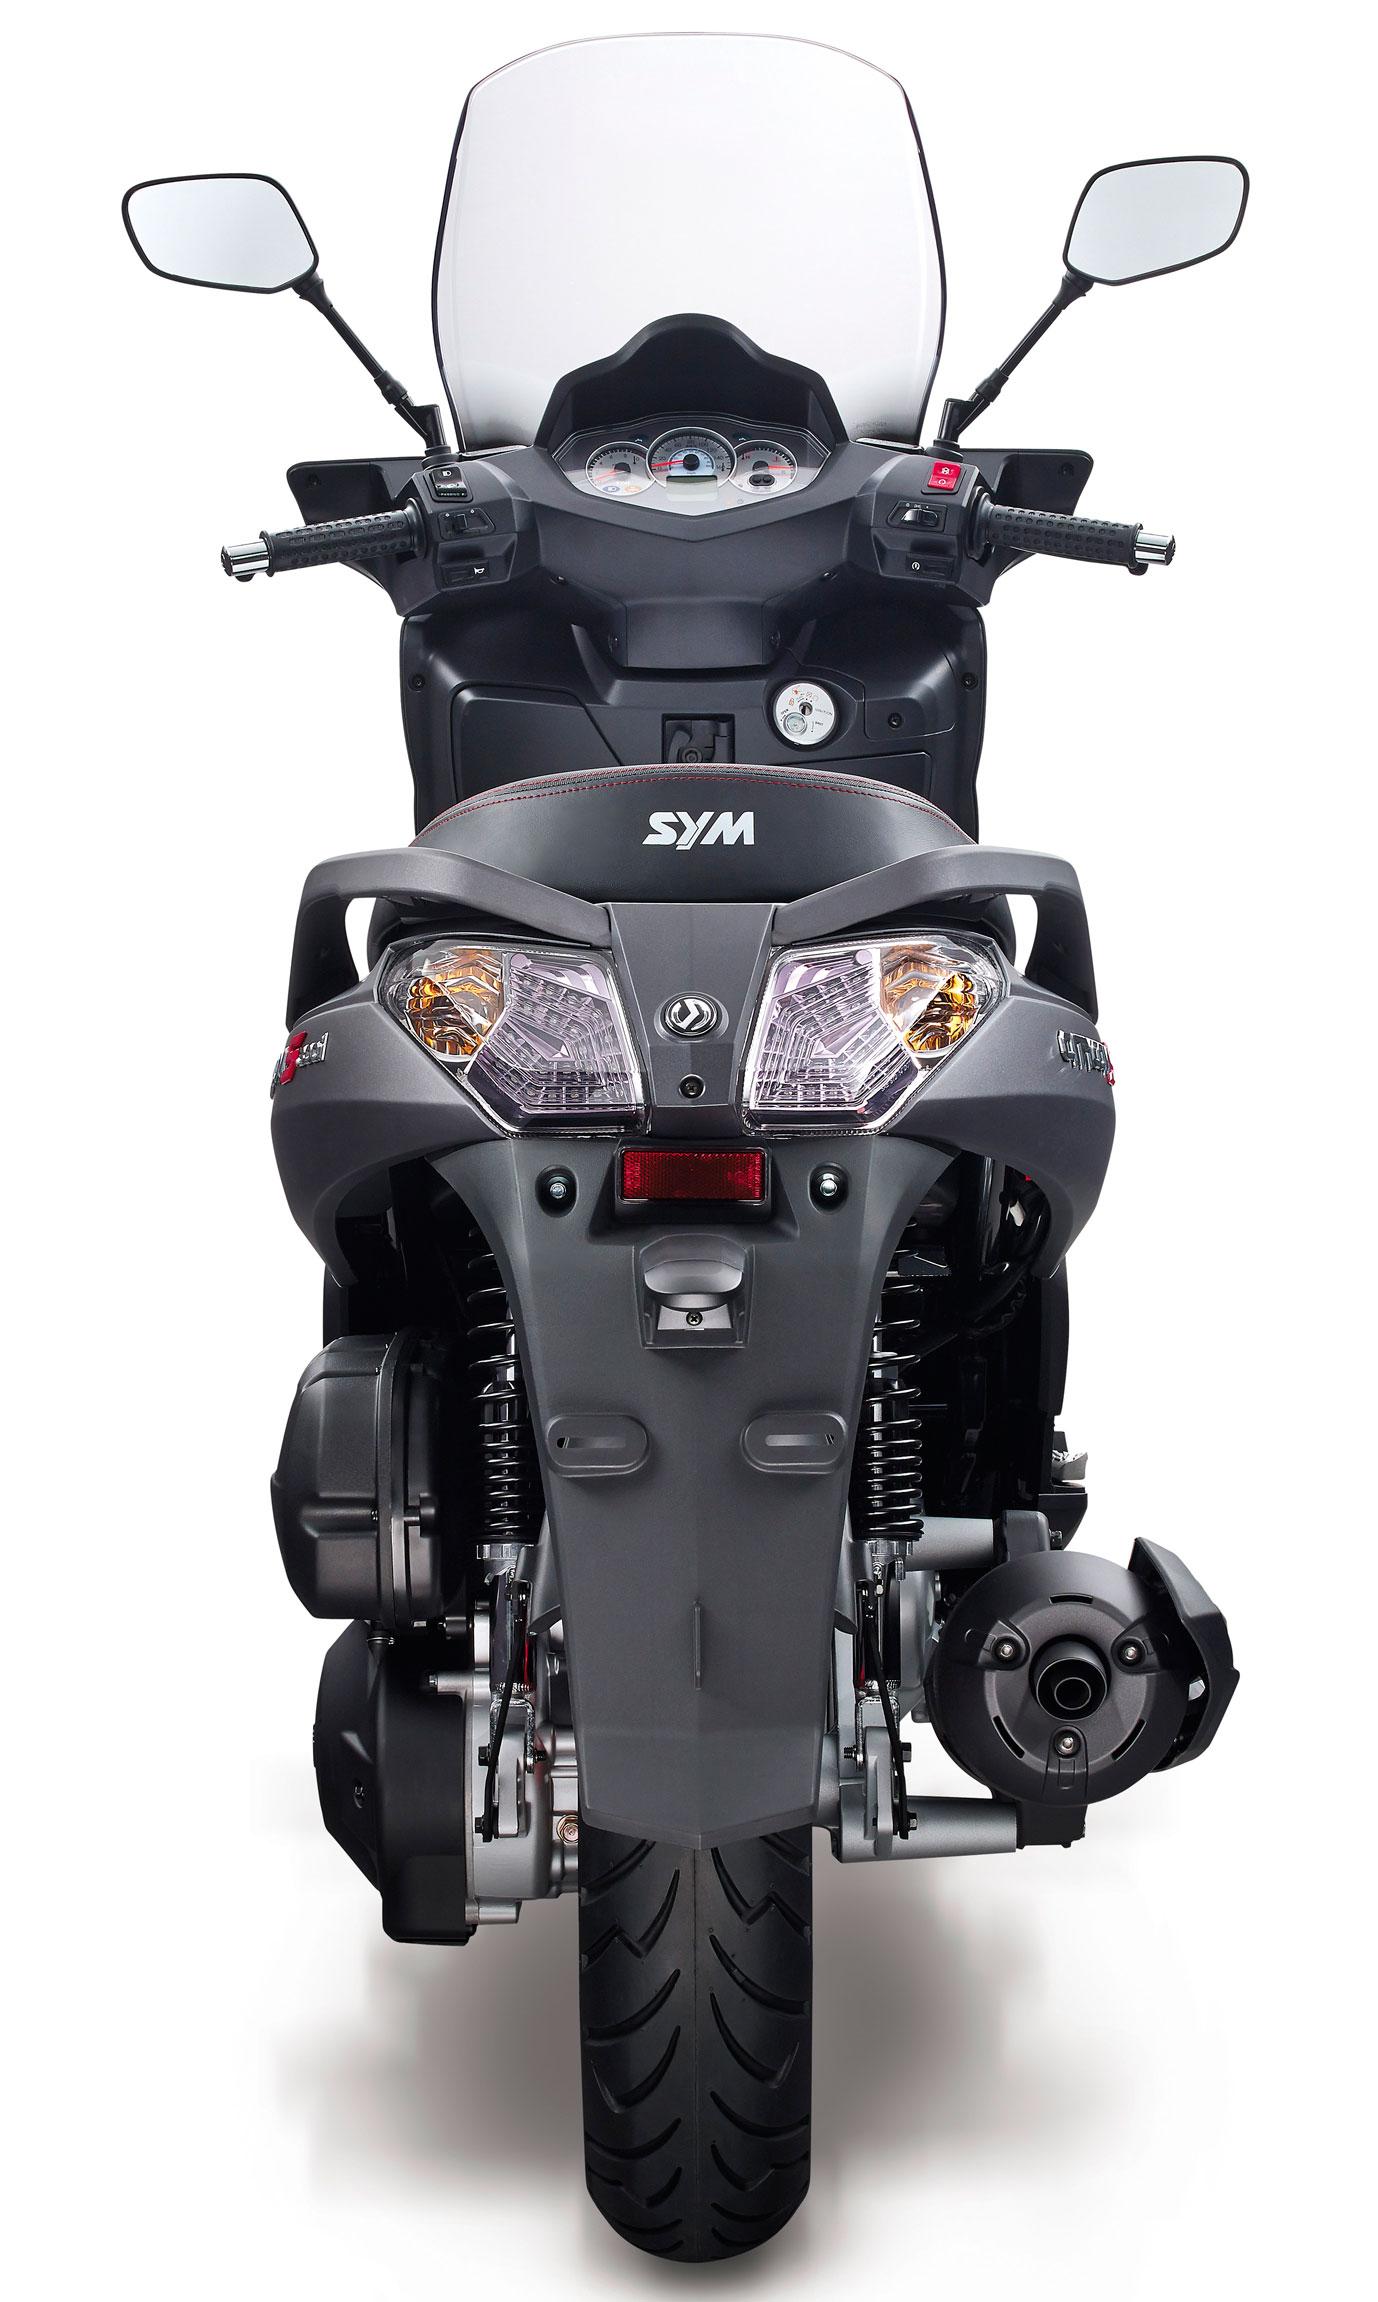 Compare a harley davidson v rod muscle vrscf 2009 a 2017 com outra - Compare A Dafra Citycom S 300i 2017 A 2018 Com Outra Moto